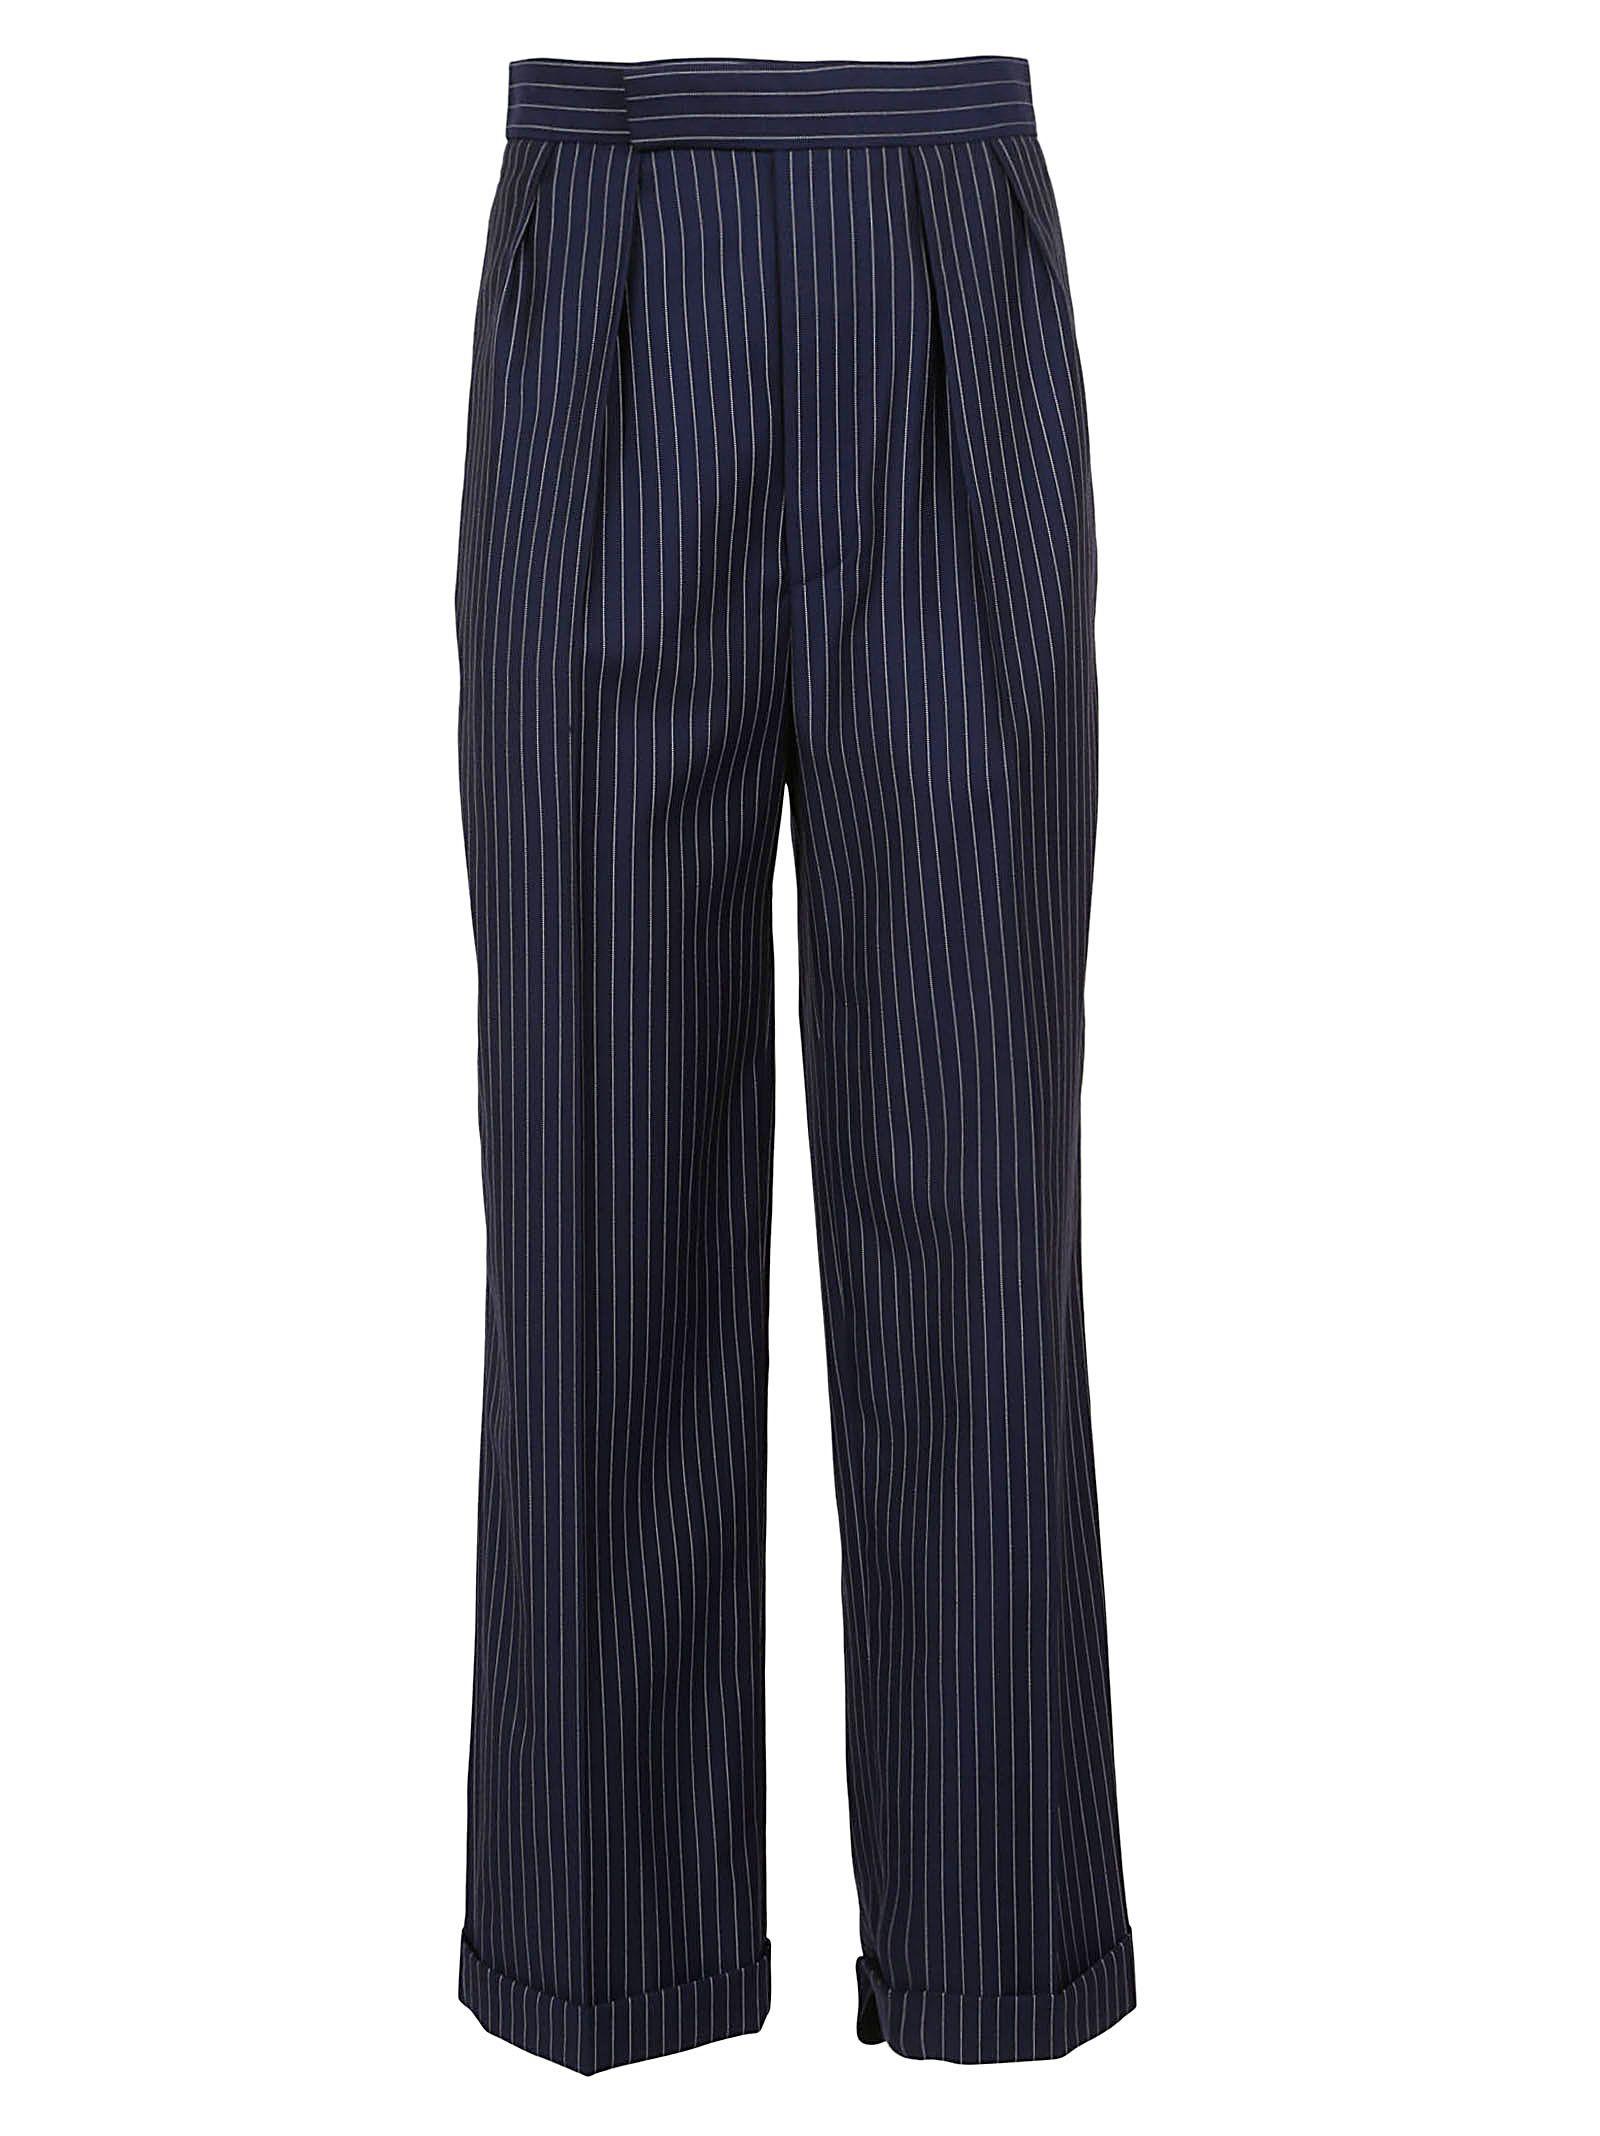 ralph lauren black label - Ralph Lauren Black Pinstripe Trousers